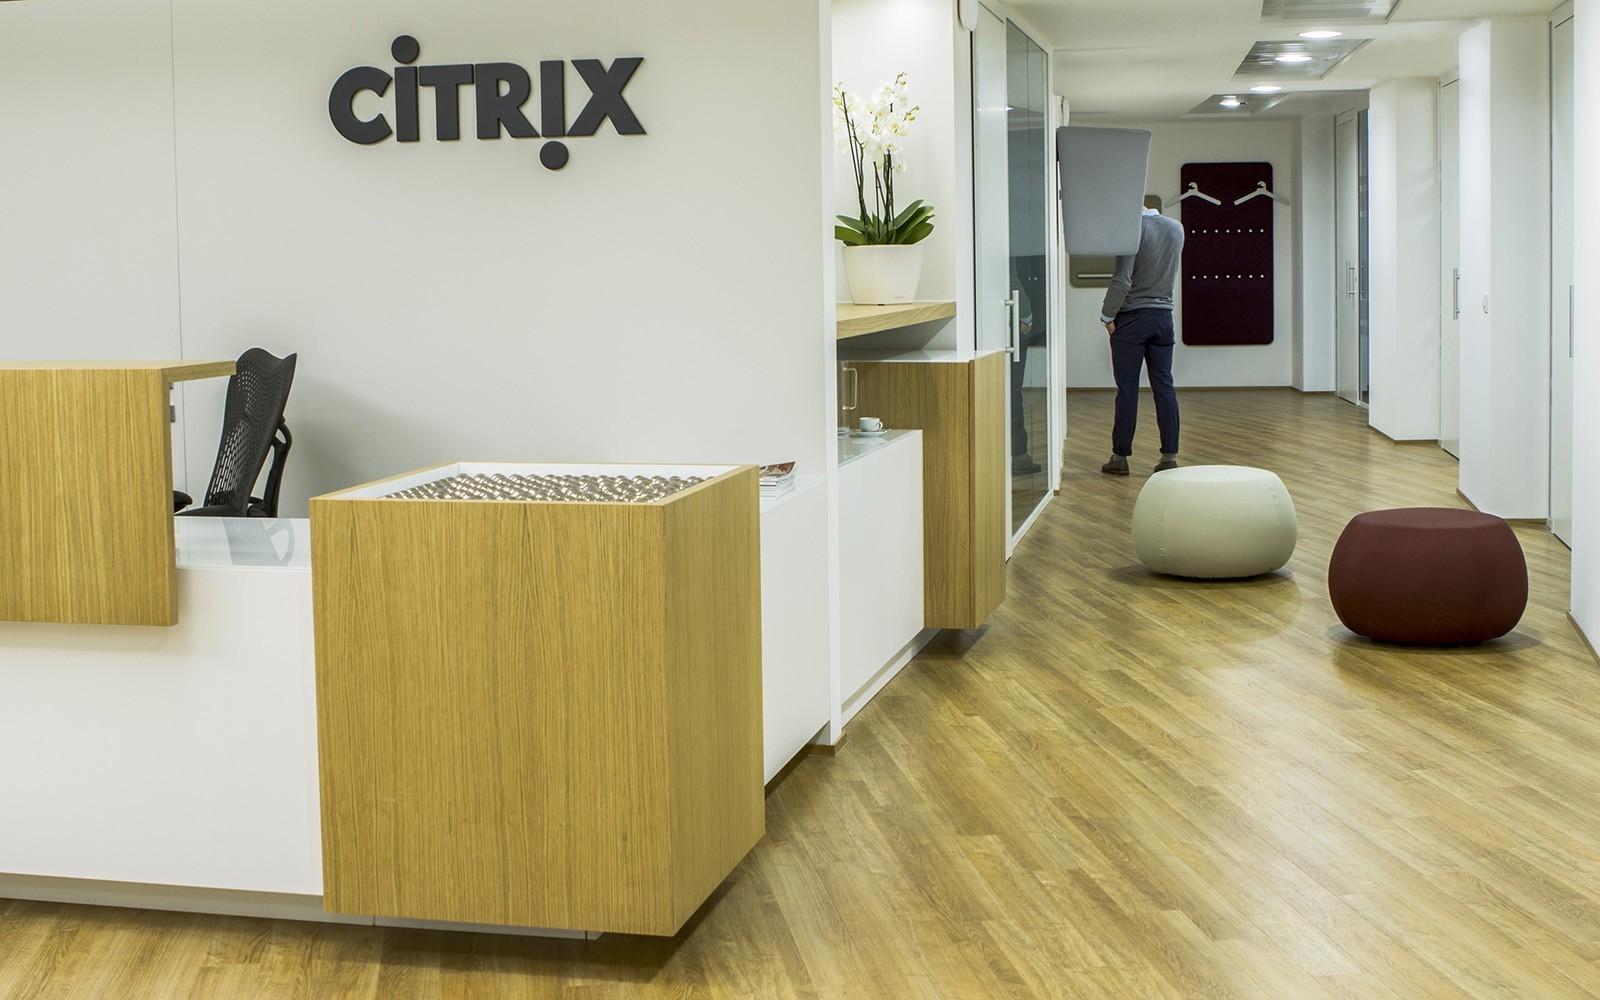 inside citrix s elegant office in italy officelovin 39. Black Bedroom Furniture Sets. Home Design Ideas